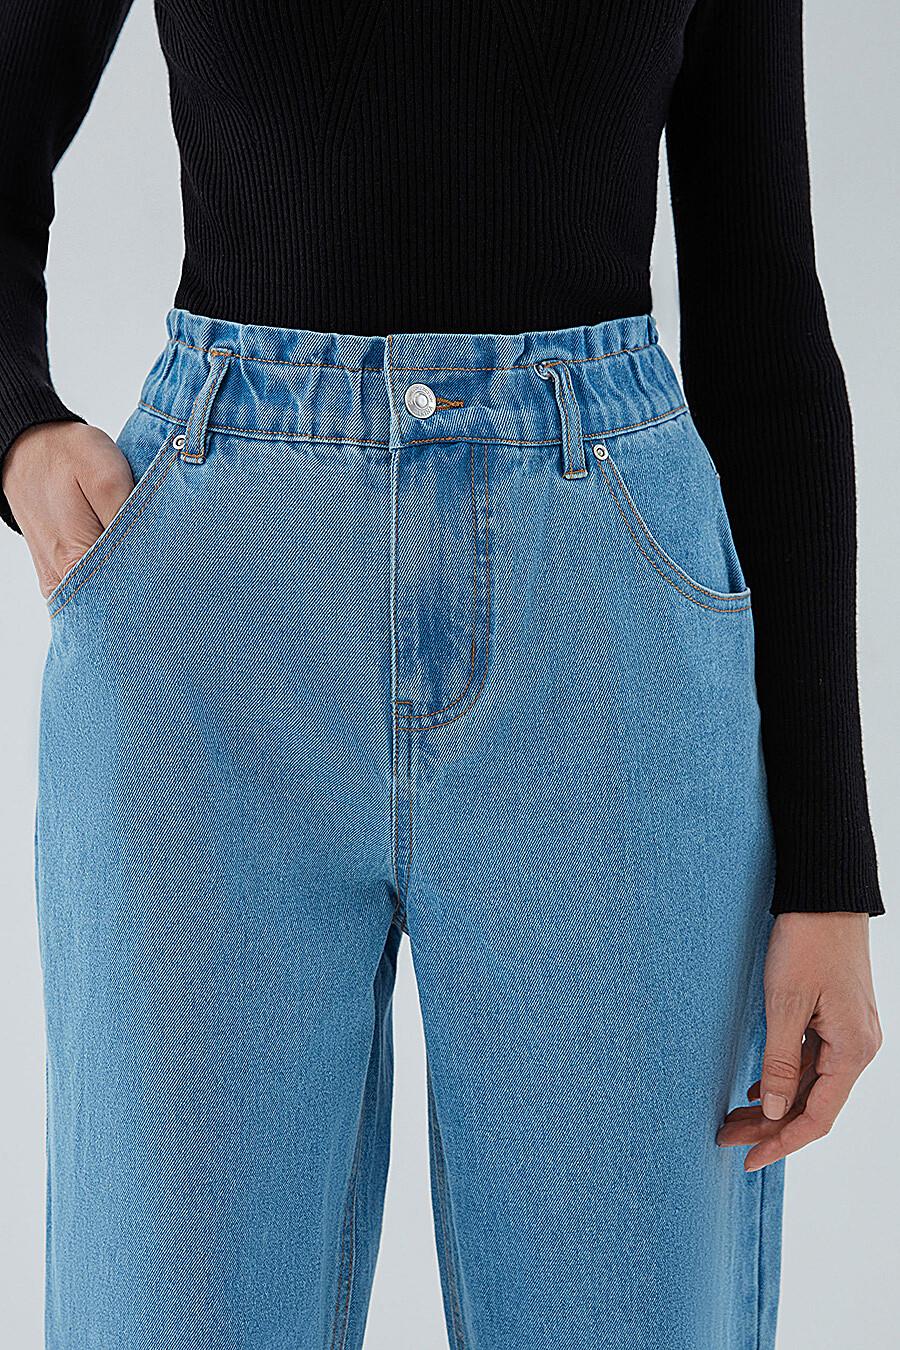 Джинсы для женщин ZARINA 289510 купить оптом от производителя. Совместная покупка женской одежды в OptMoyo